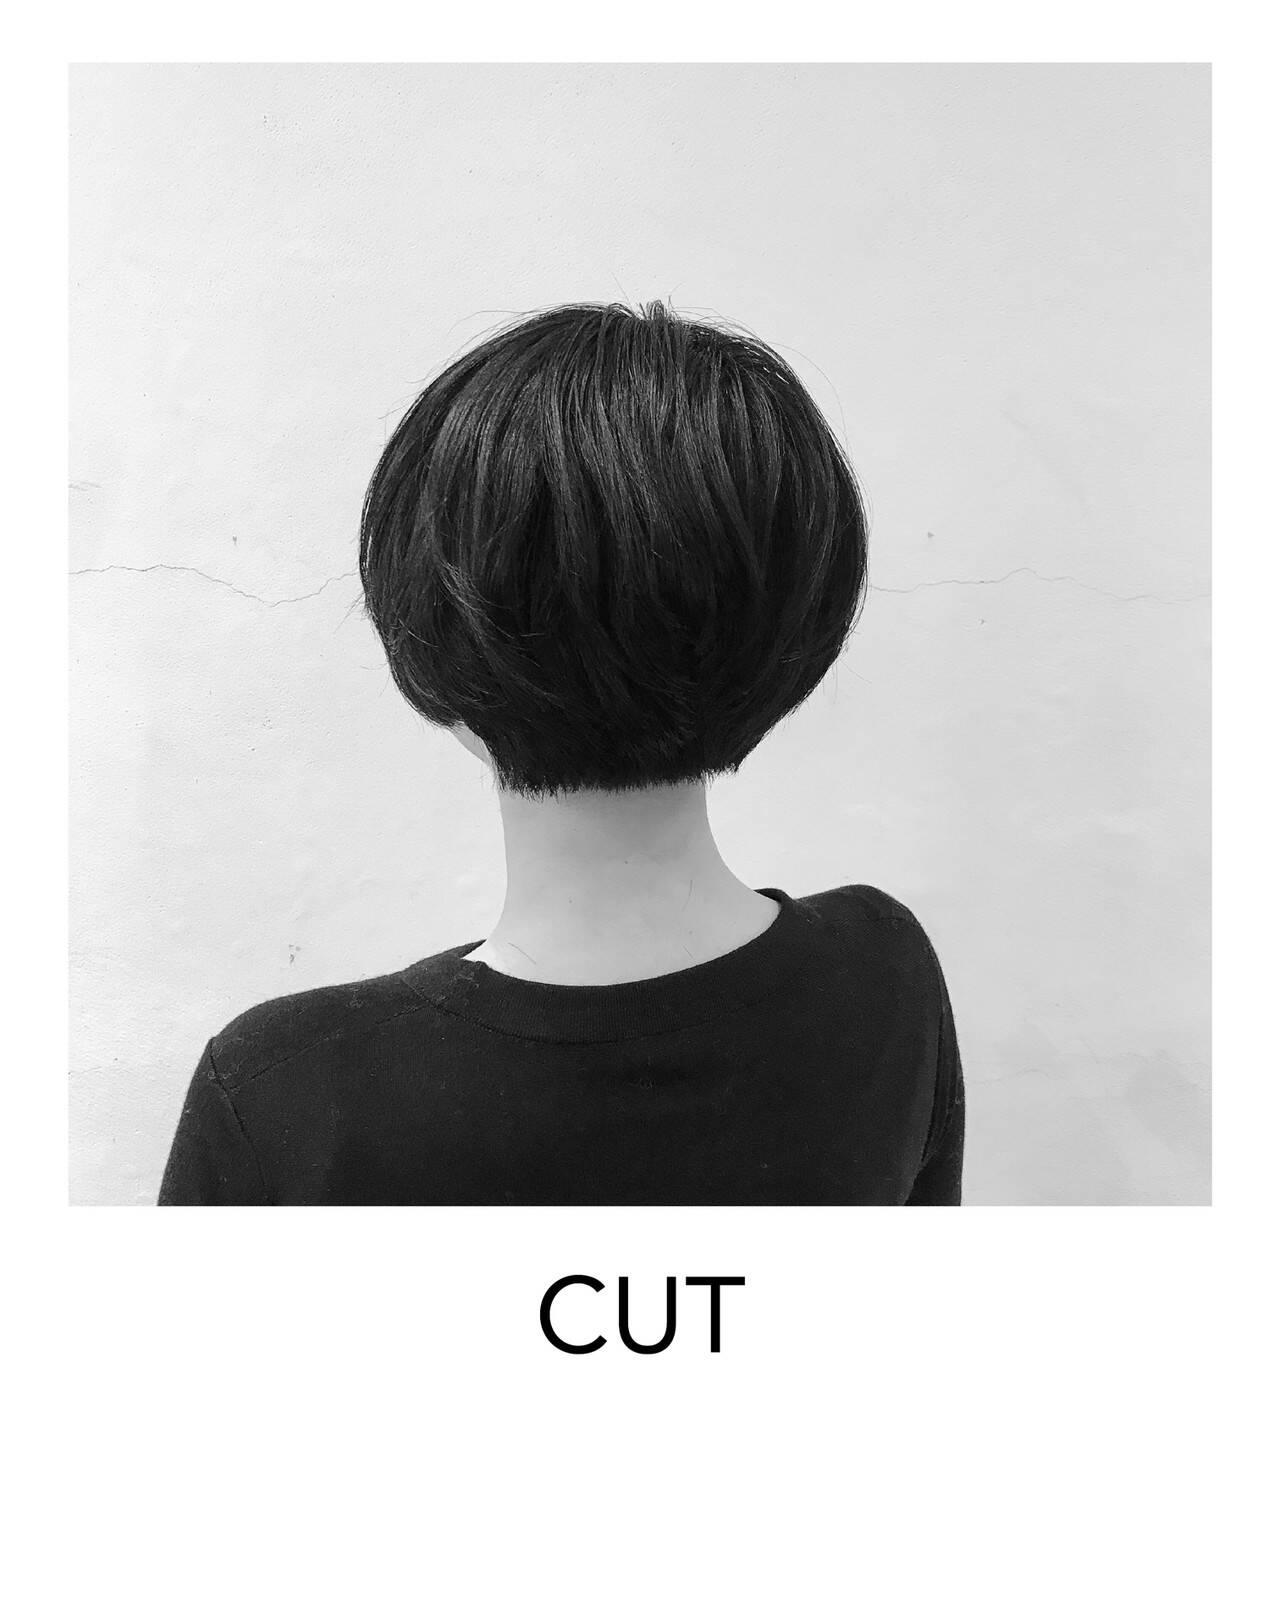 ナチュラル マッシュショート オフィス ヘアカットヘアスタイルや髪型の写真・画像